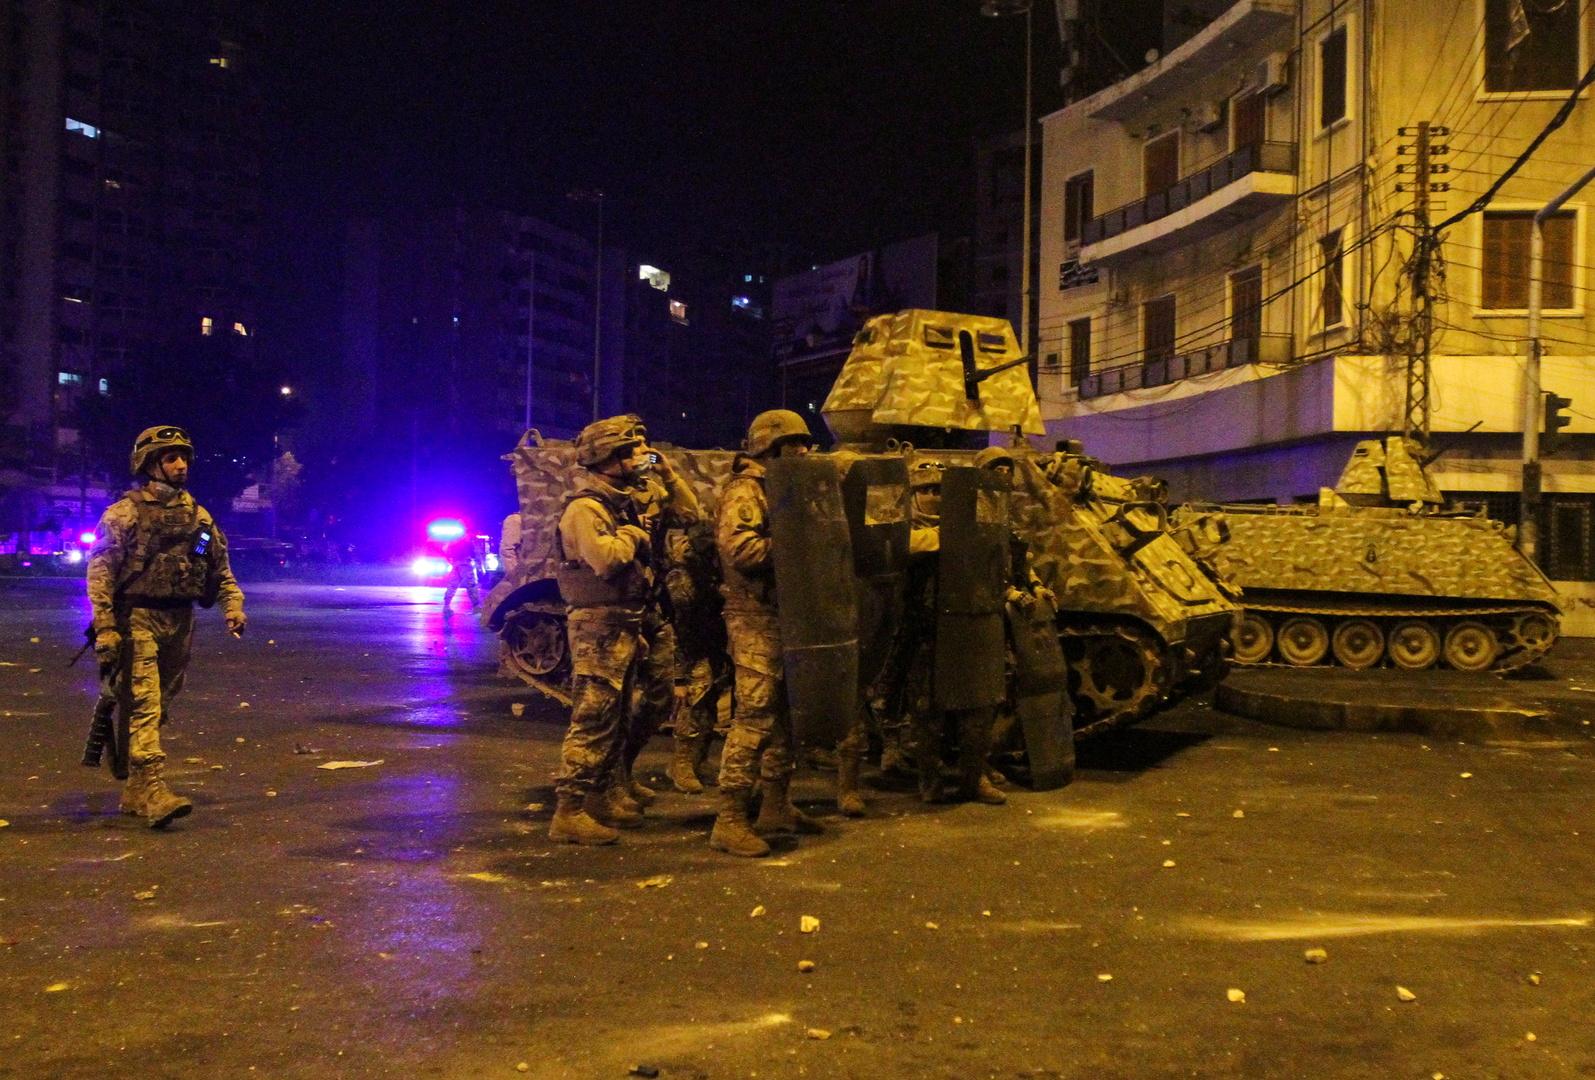 عناصر وآليات للجيش اللبناني في طرابلس، شمال لبنان